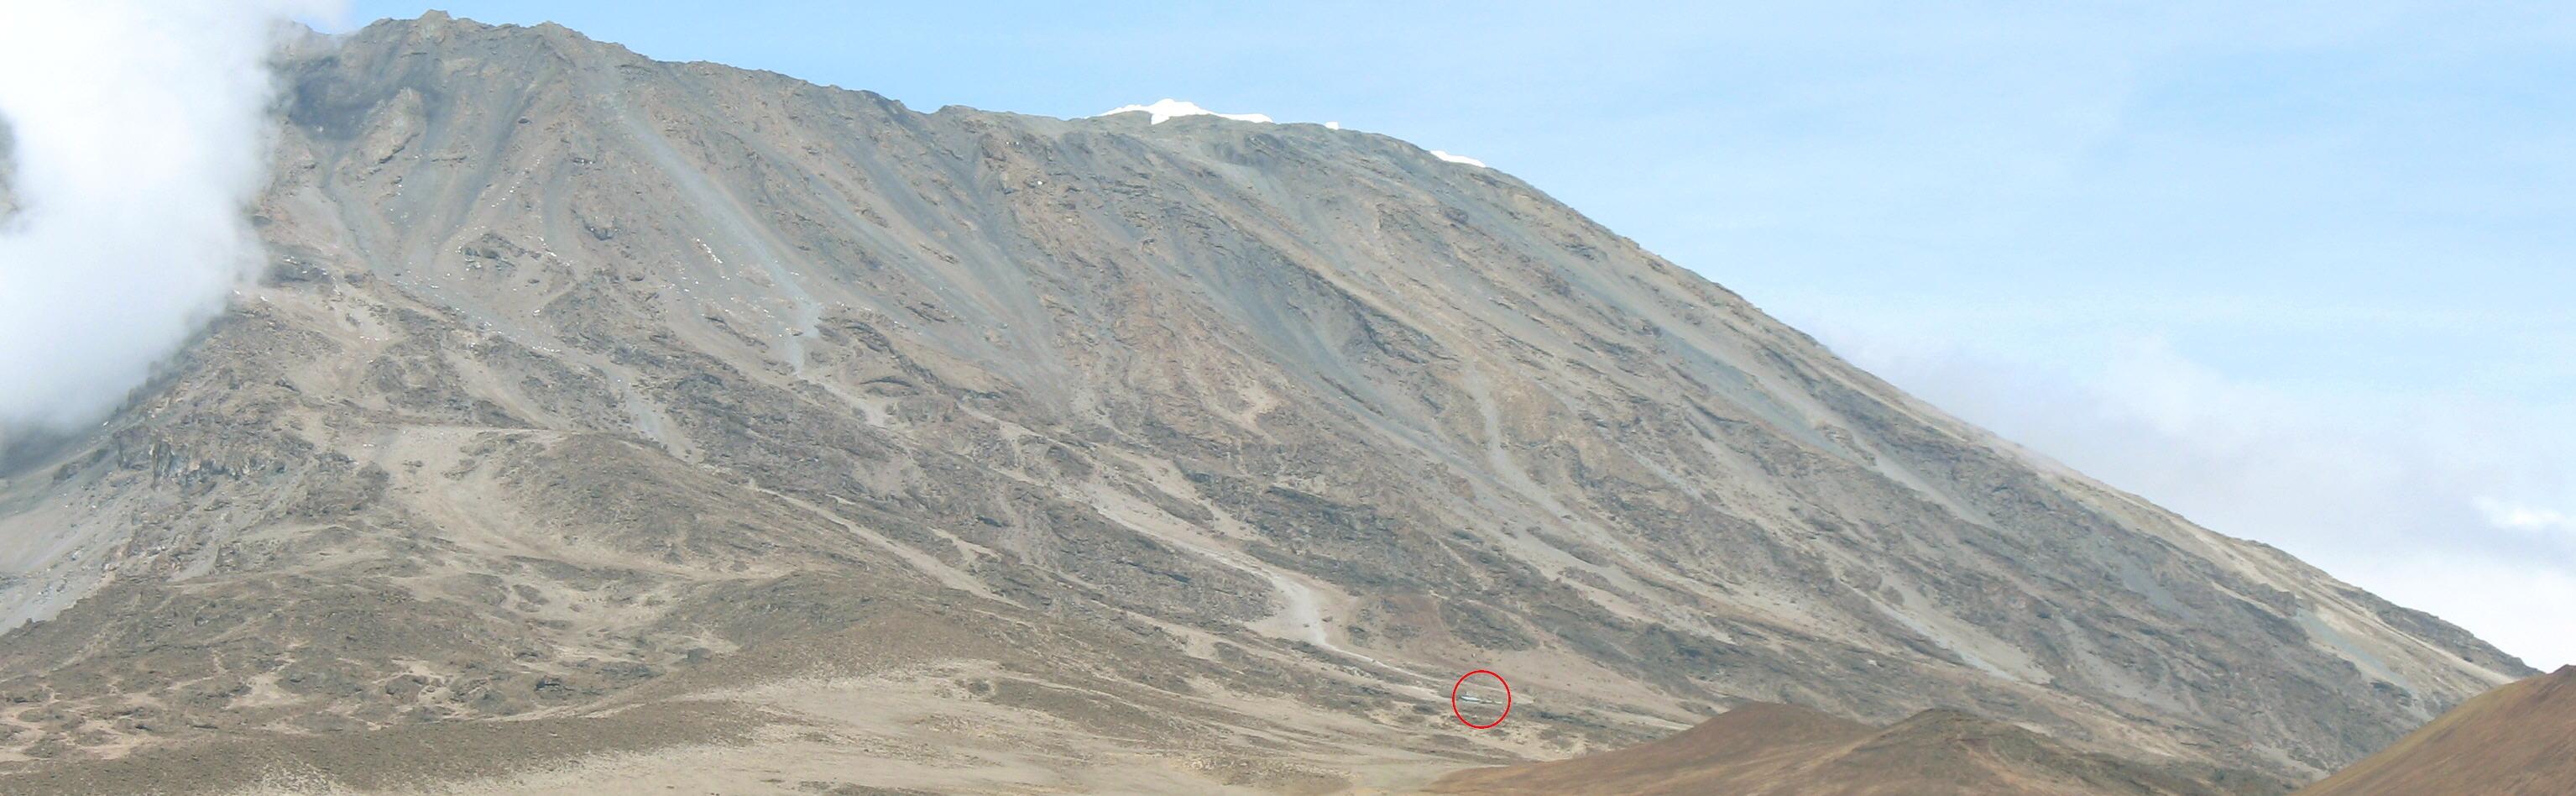 tanzania tansania kilimanjaro marangu route sansibar